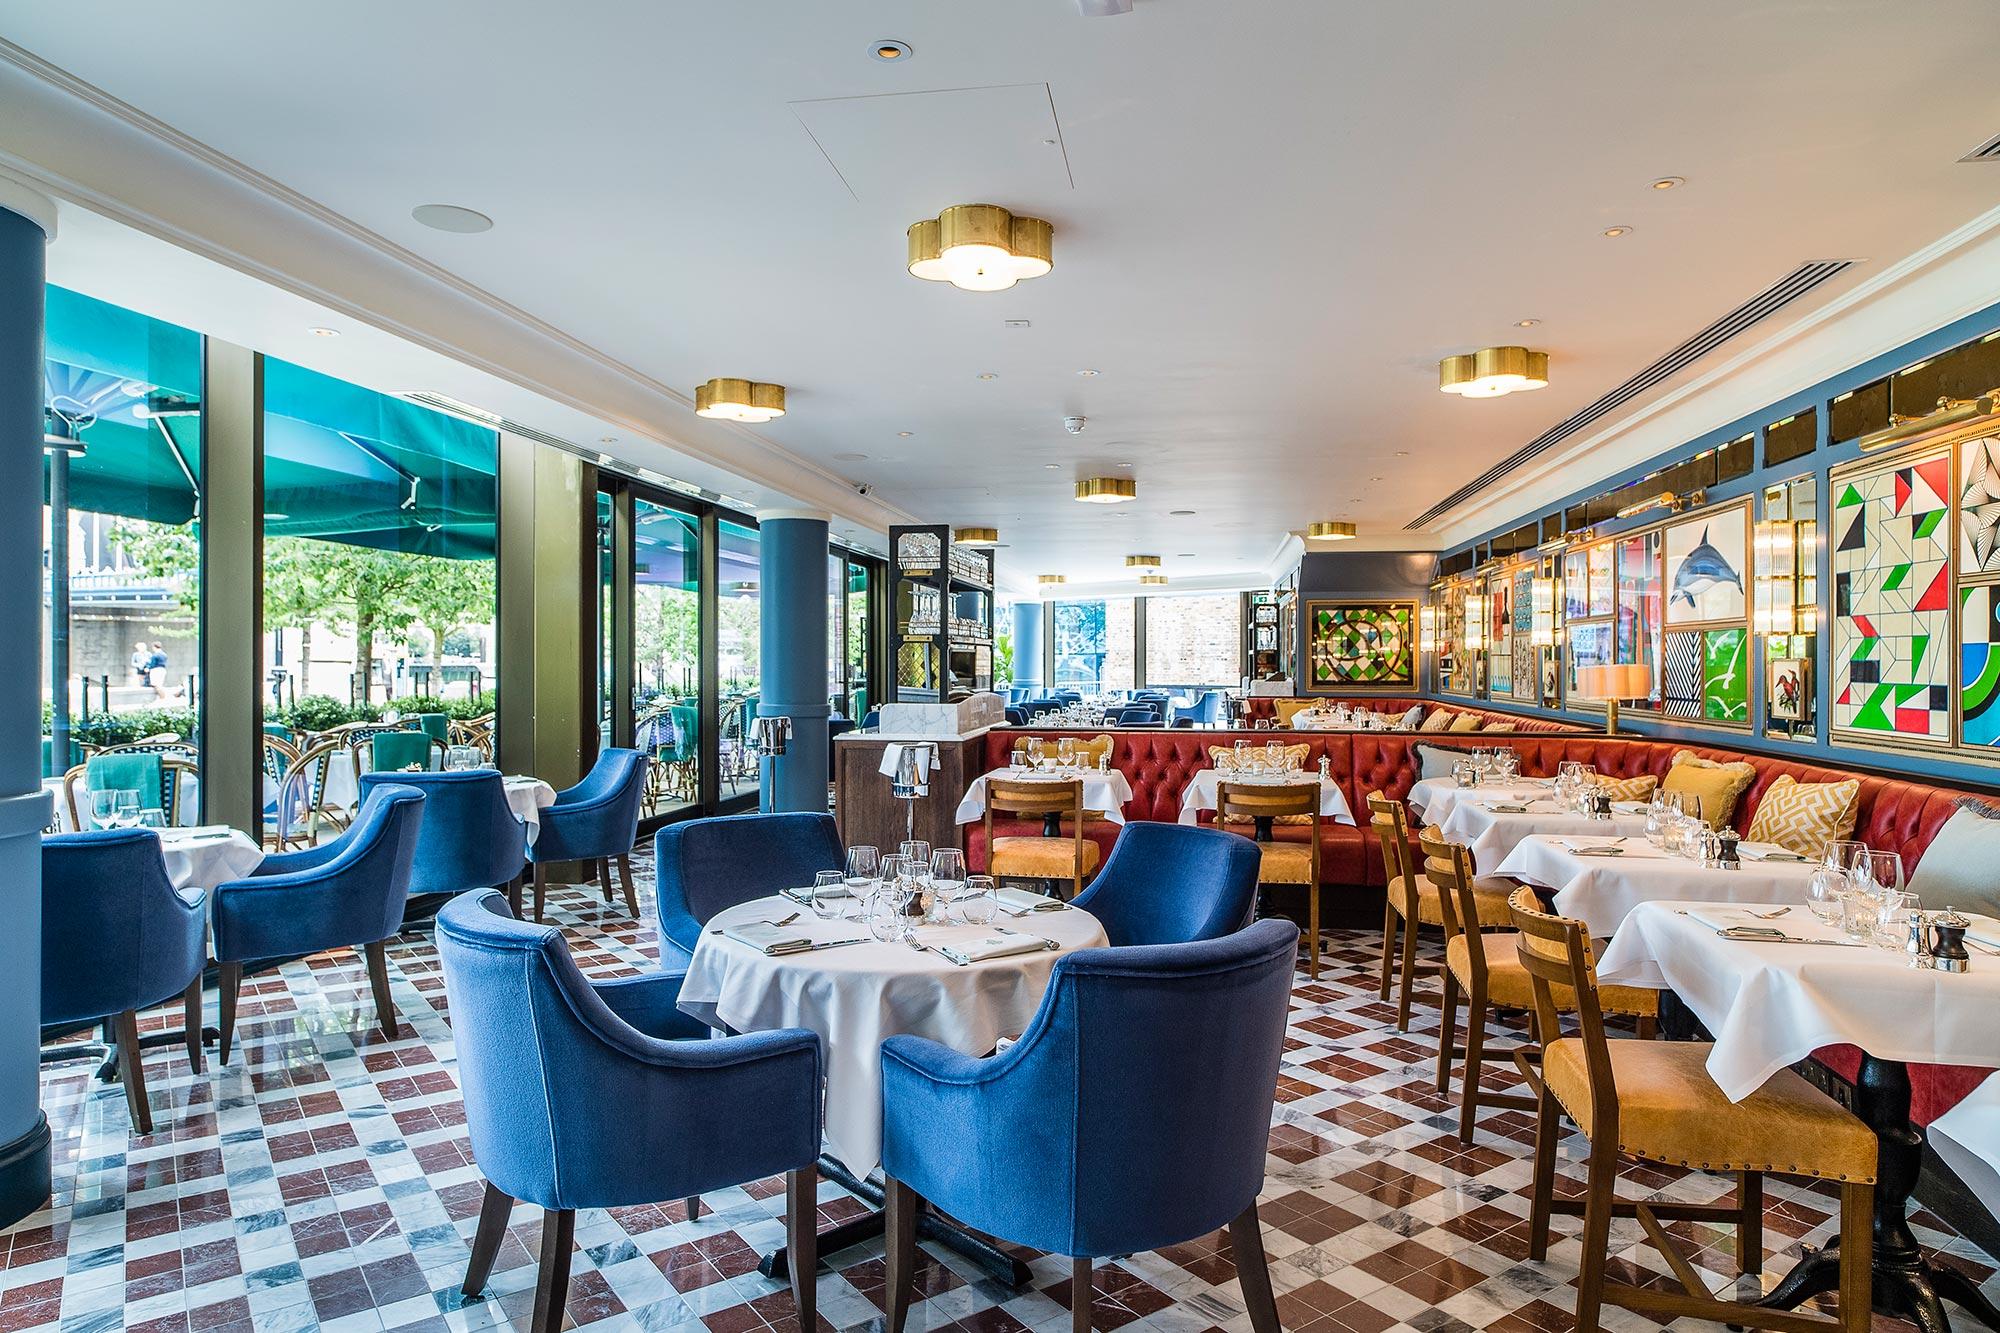 The-Ivy-Tower-Bridge-Main-Restaurant-Interiors-2.jpg